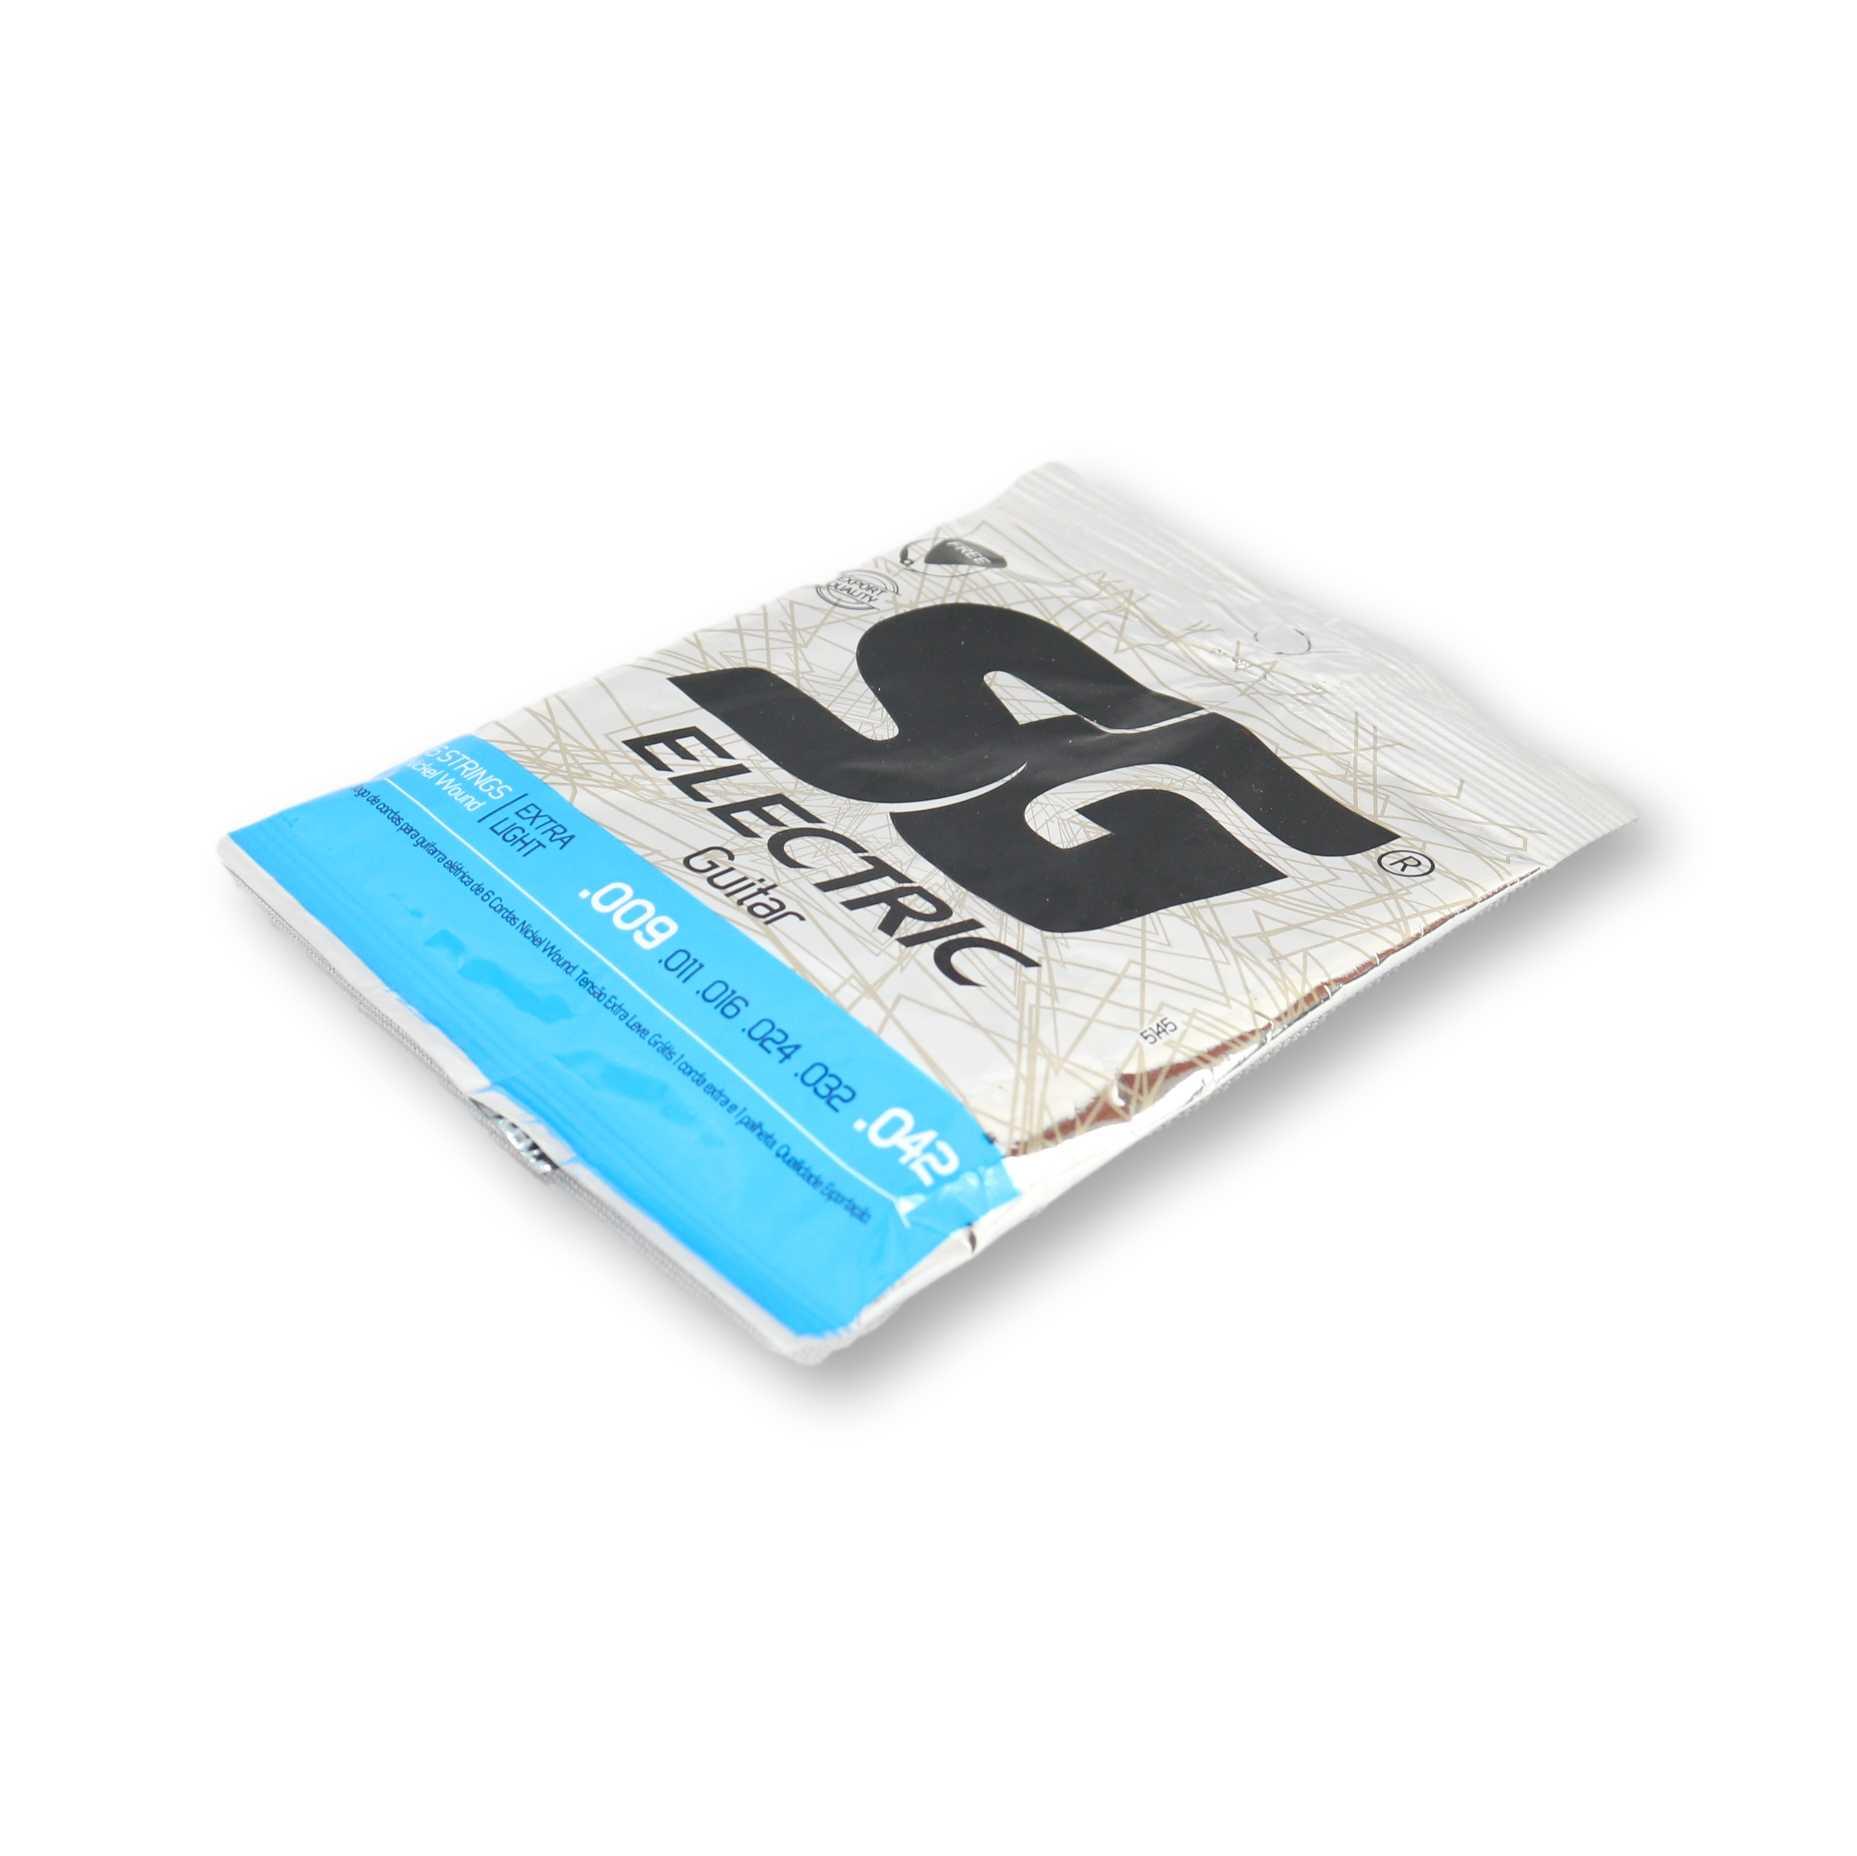 Encordoamento Guitarra SG 009 5145 kit c/ 5